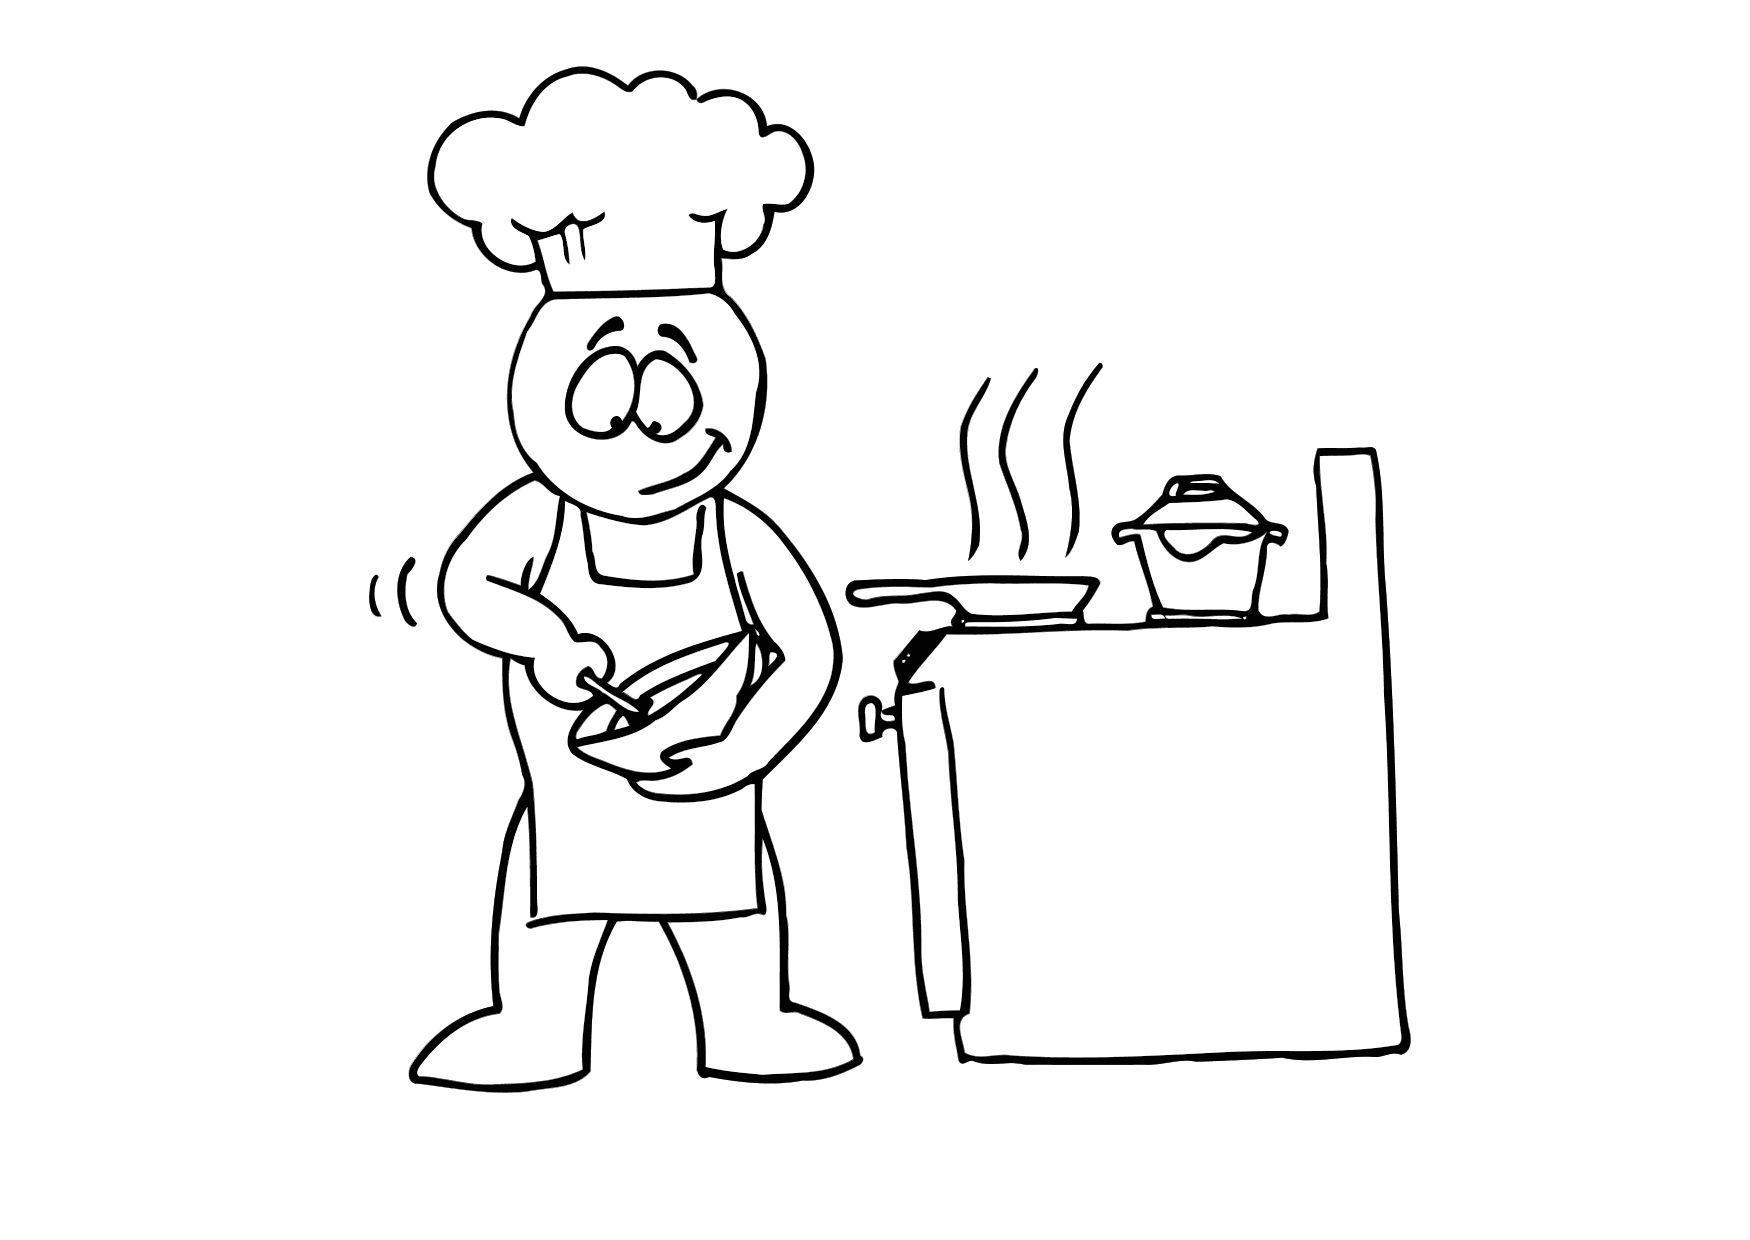 Kleurplaat koken afb 24716 - Koken afbeelding ...